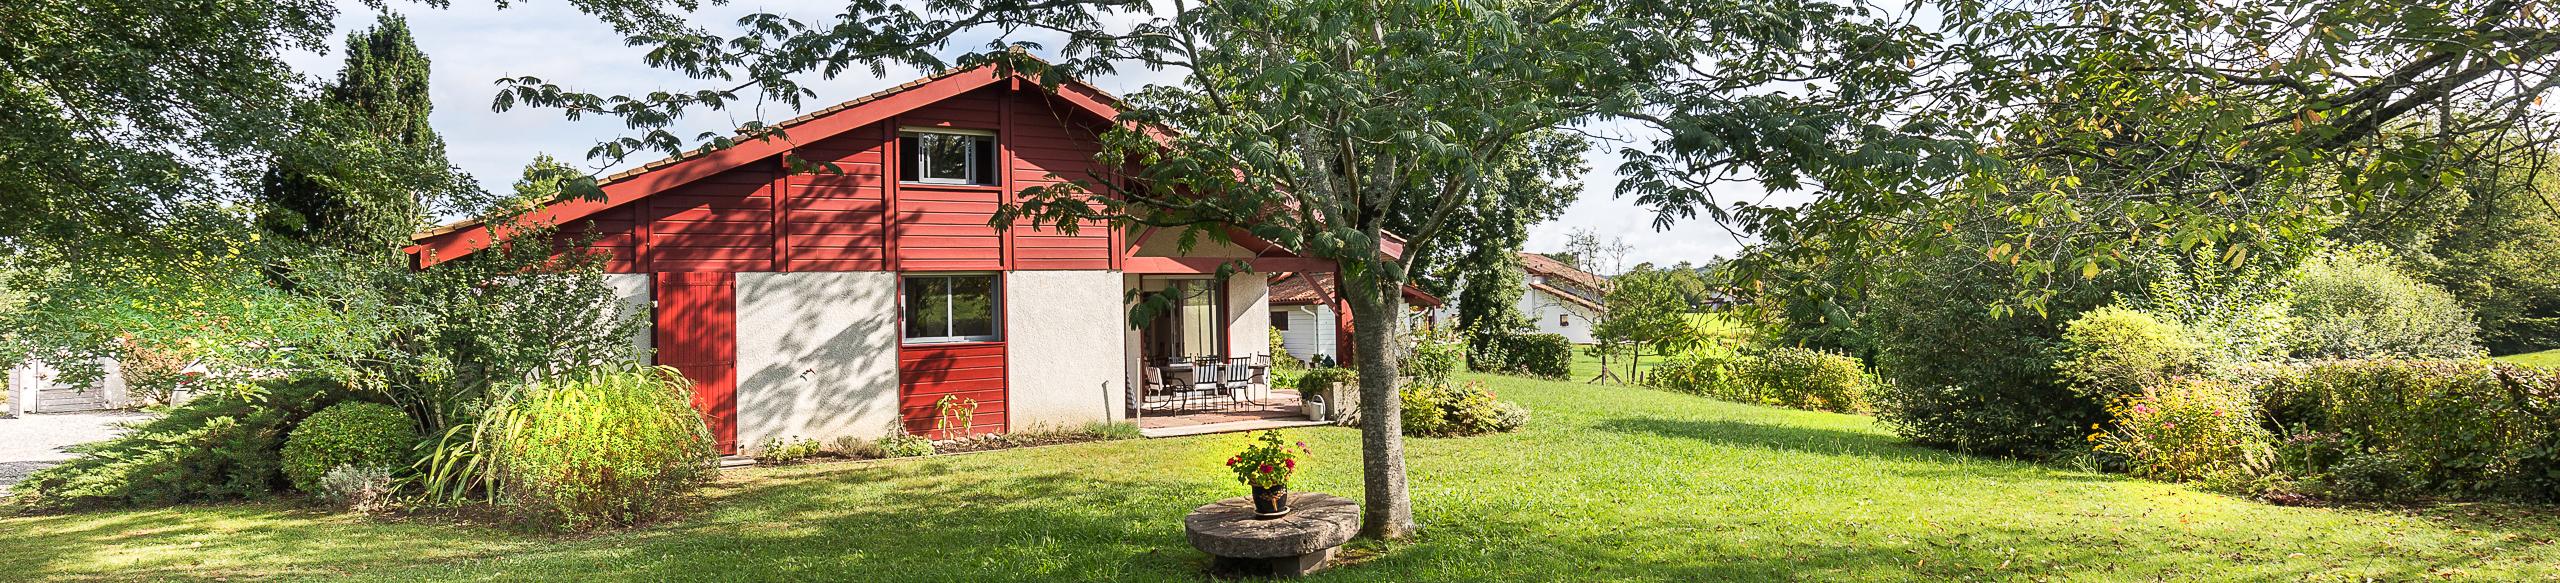 Photographe Immobilier Aquitaine, Landes, Pays Basque et Béarn 8